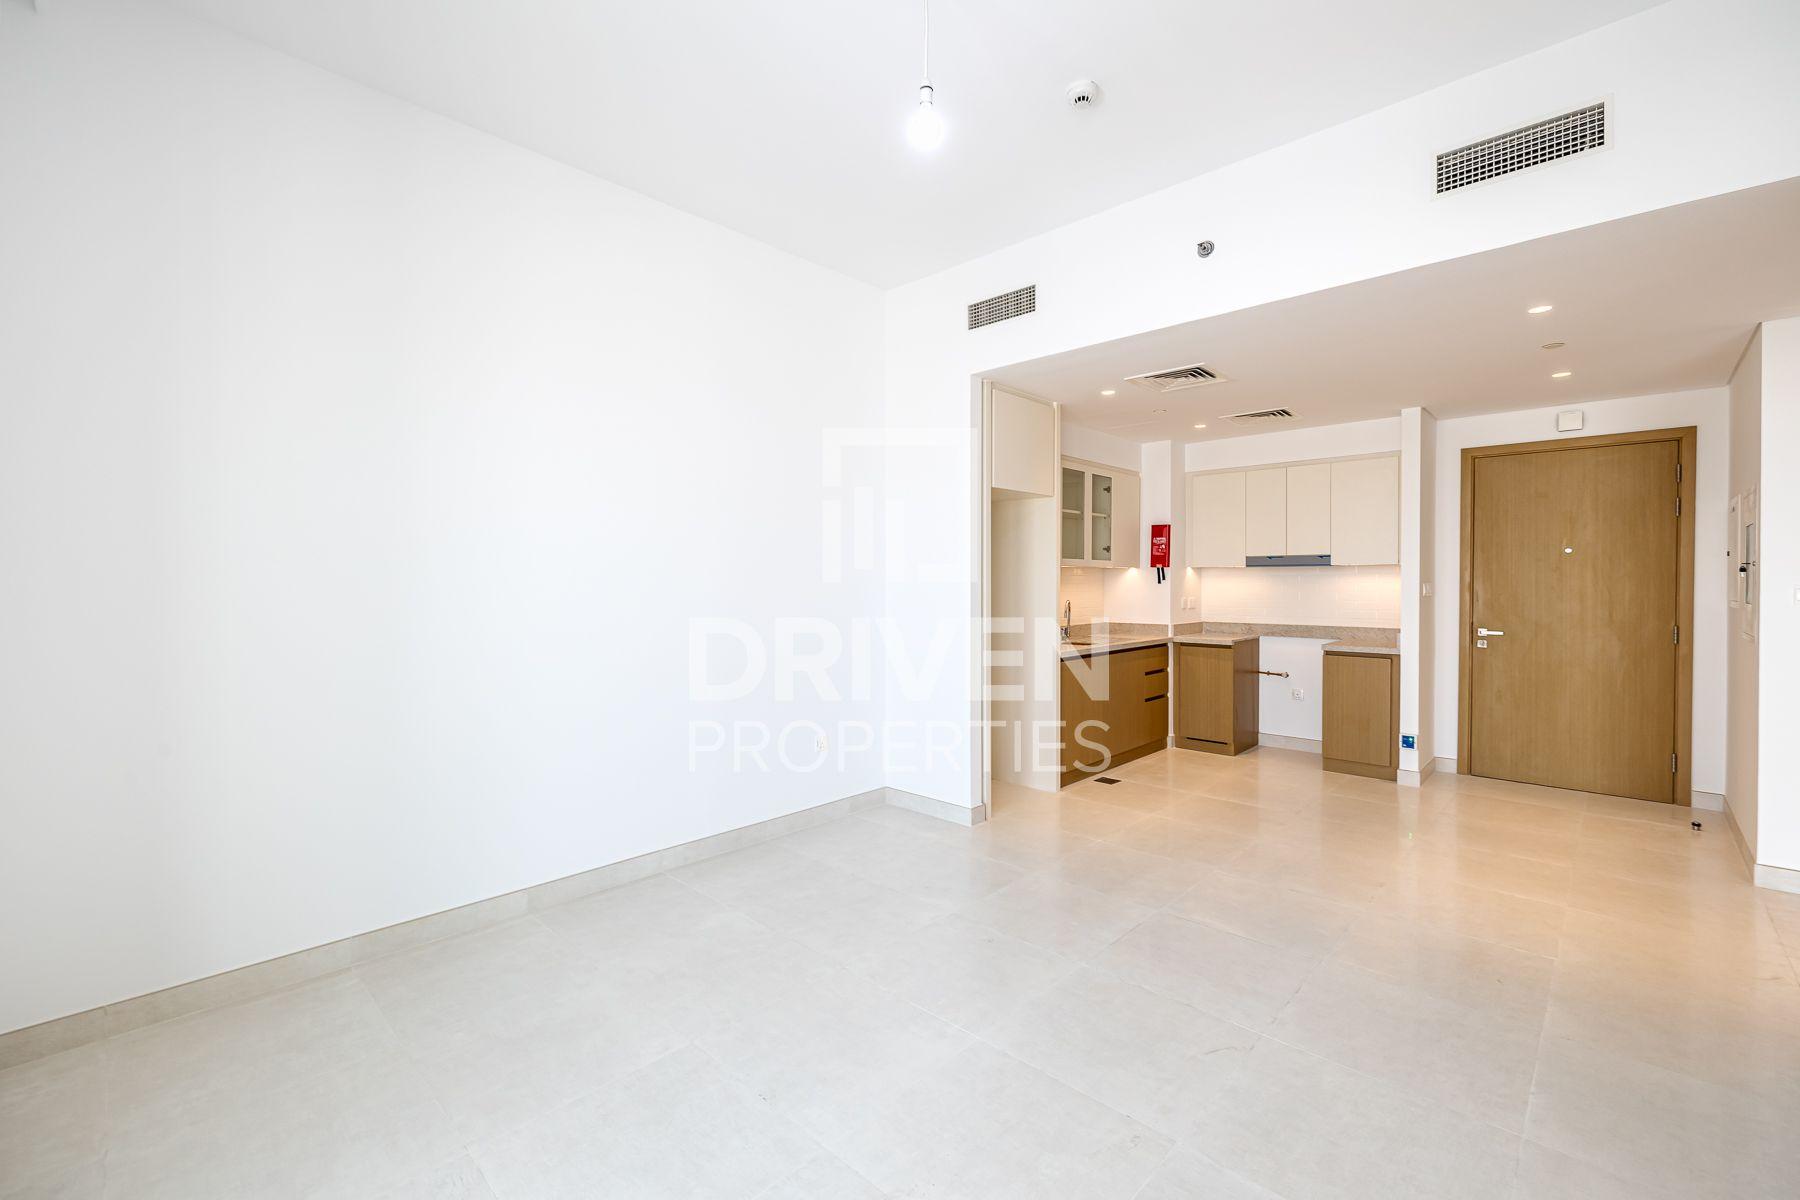 611 قدم مربع  شقة - للبيع - ميناء خور دبي